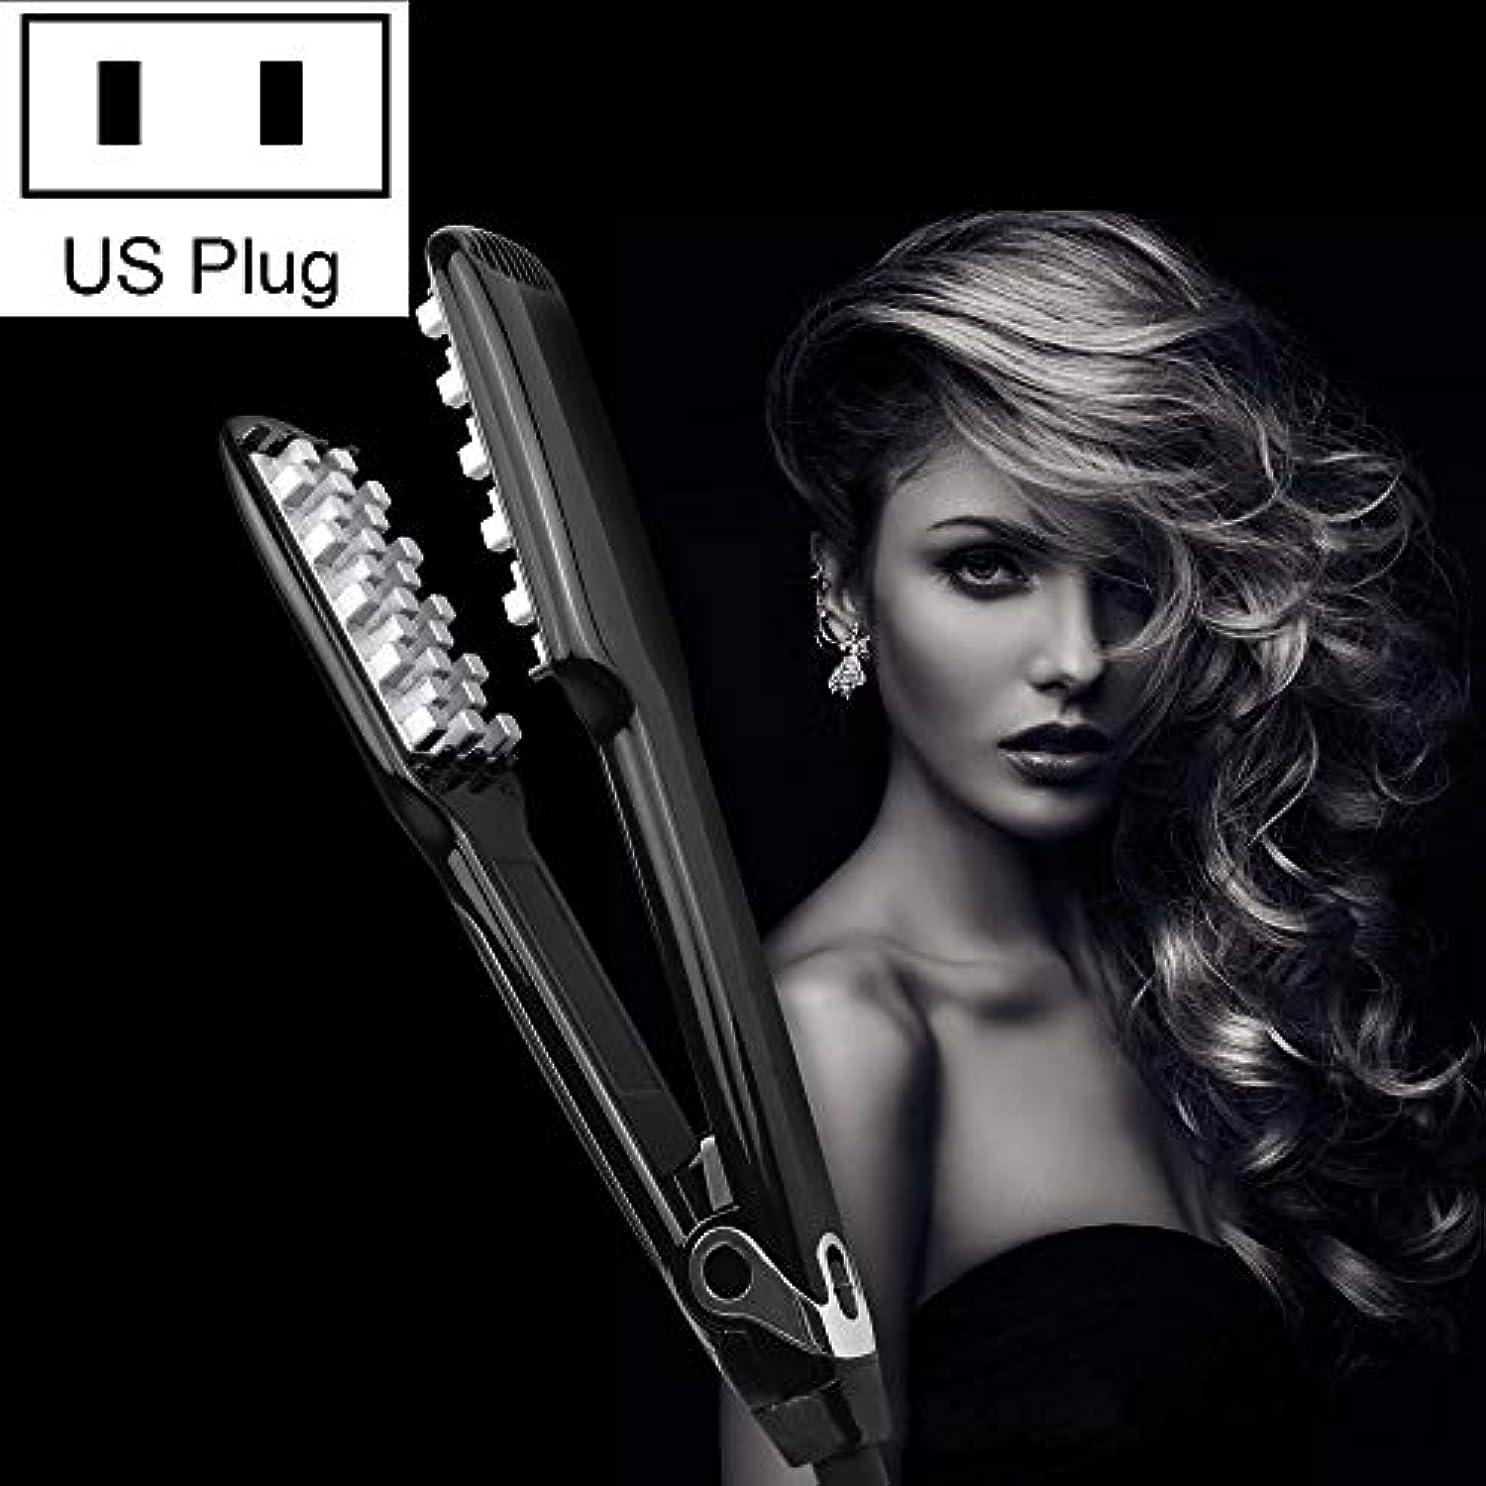 バックアップピストン栄光のMosj WT042 150 Wデジタルディスプレイ自動ヘアカーラー副木、米国プラグ (色 : Black)